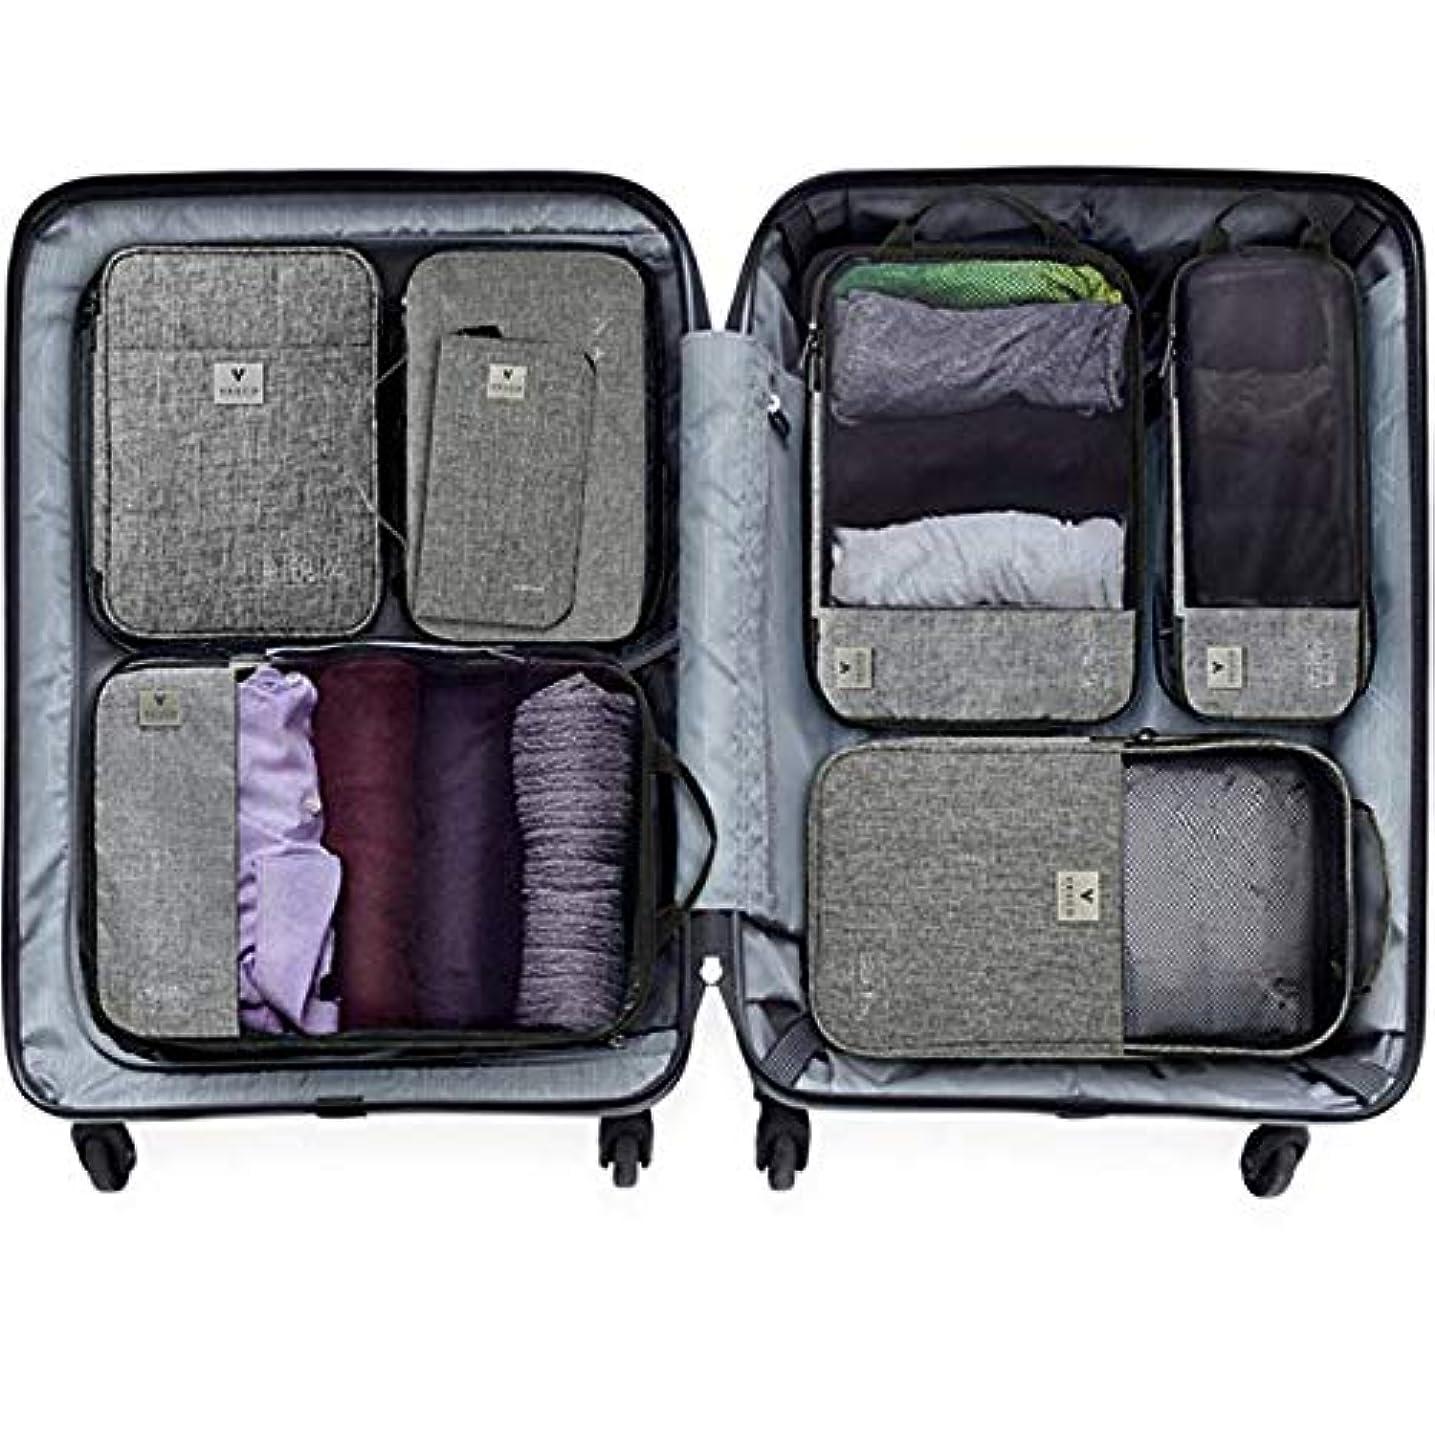 シロクマ溶接迷信スーツケースのスペースを60% 節約! 探す時間も削減!スマートパッキングキューブバッグ「VASCO」ヴァスコ